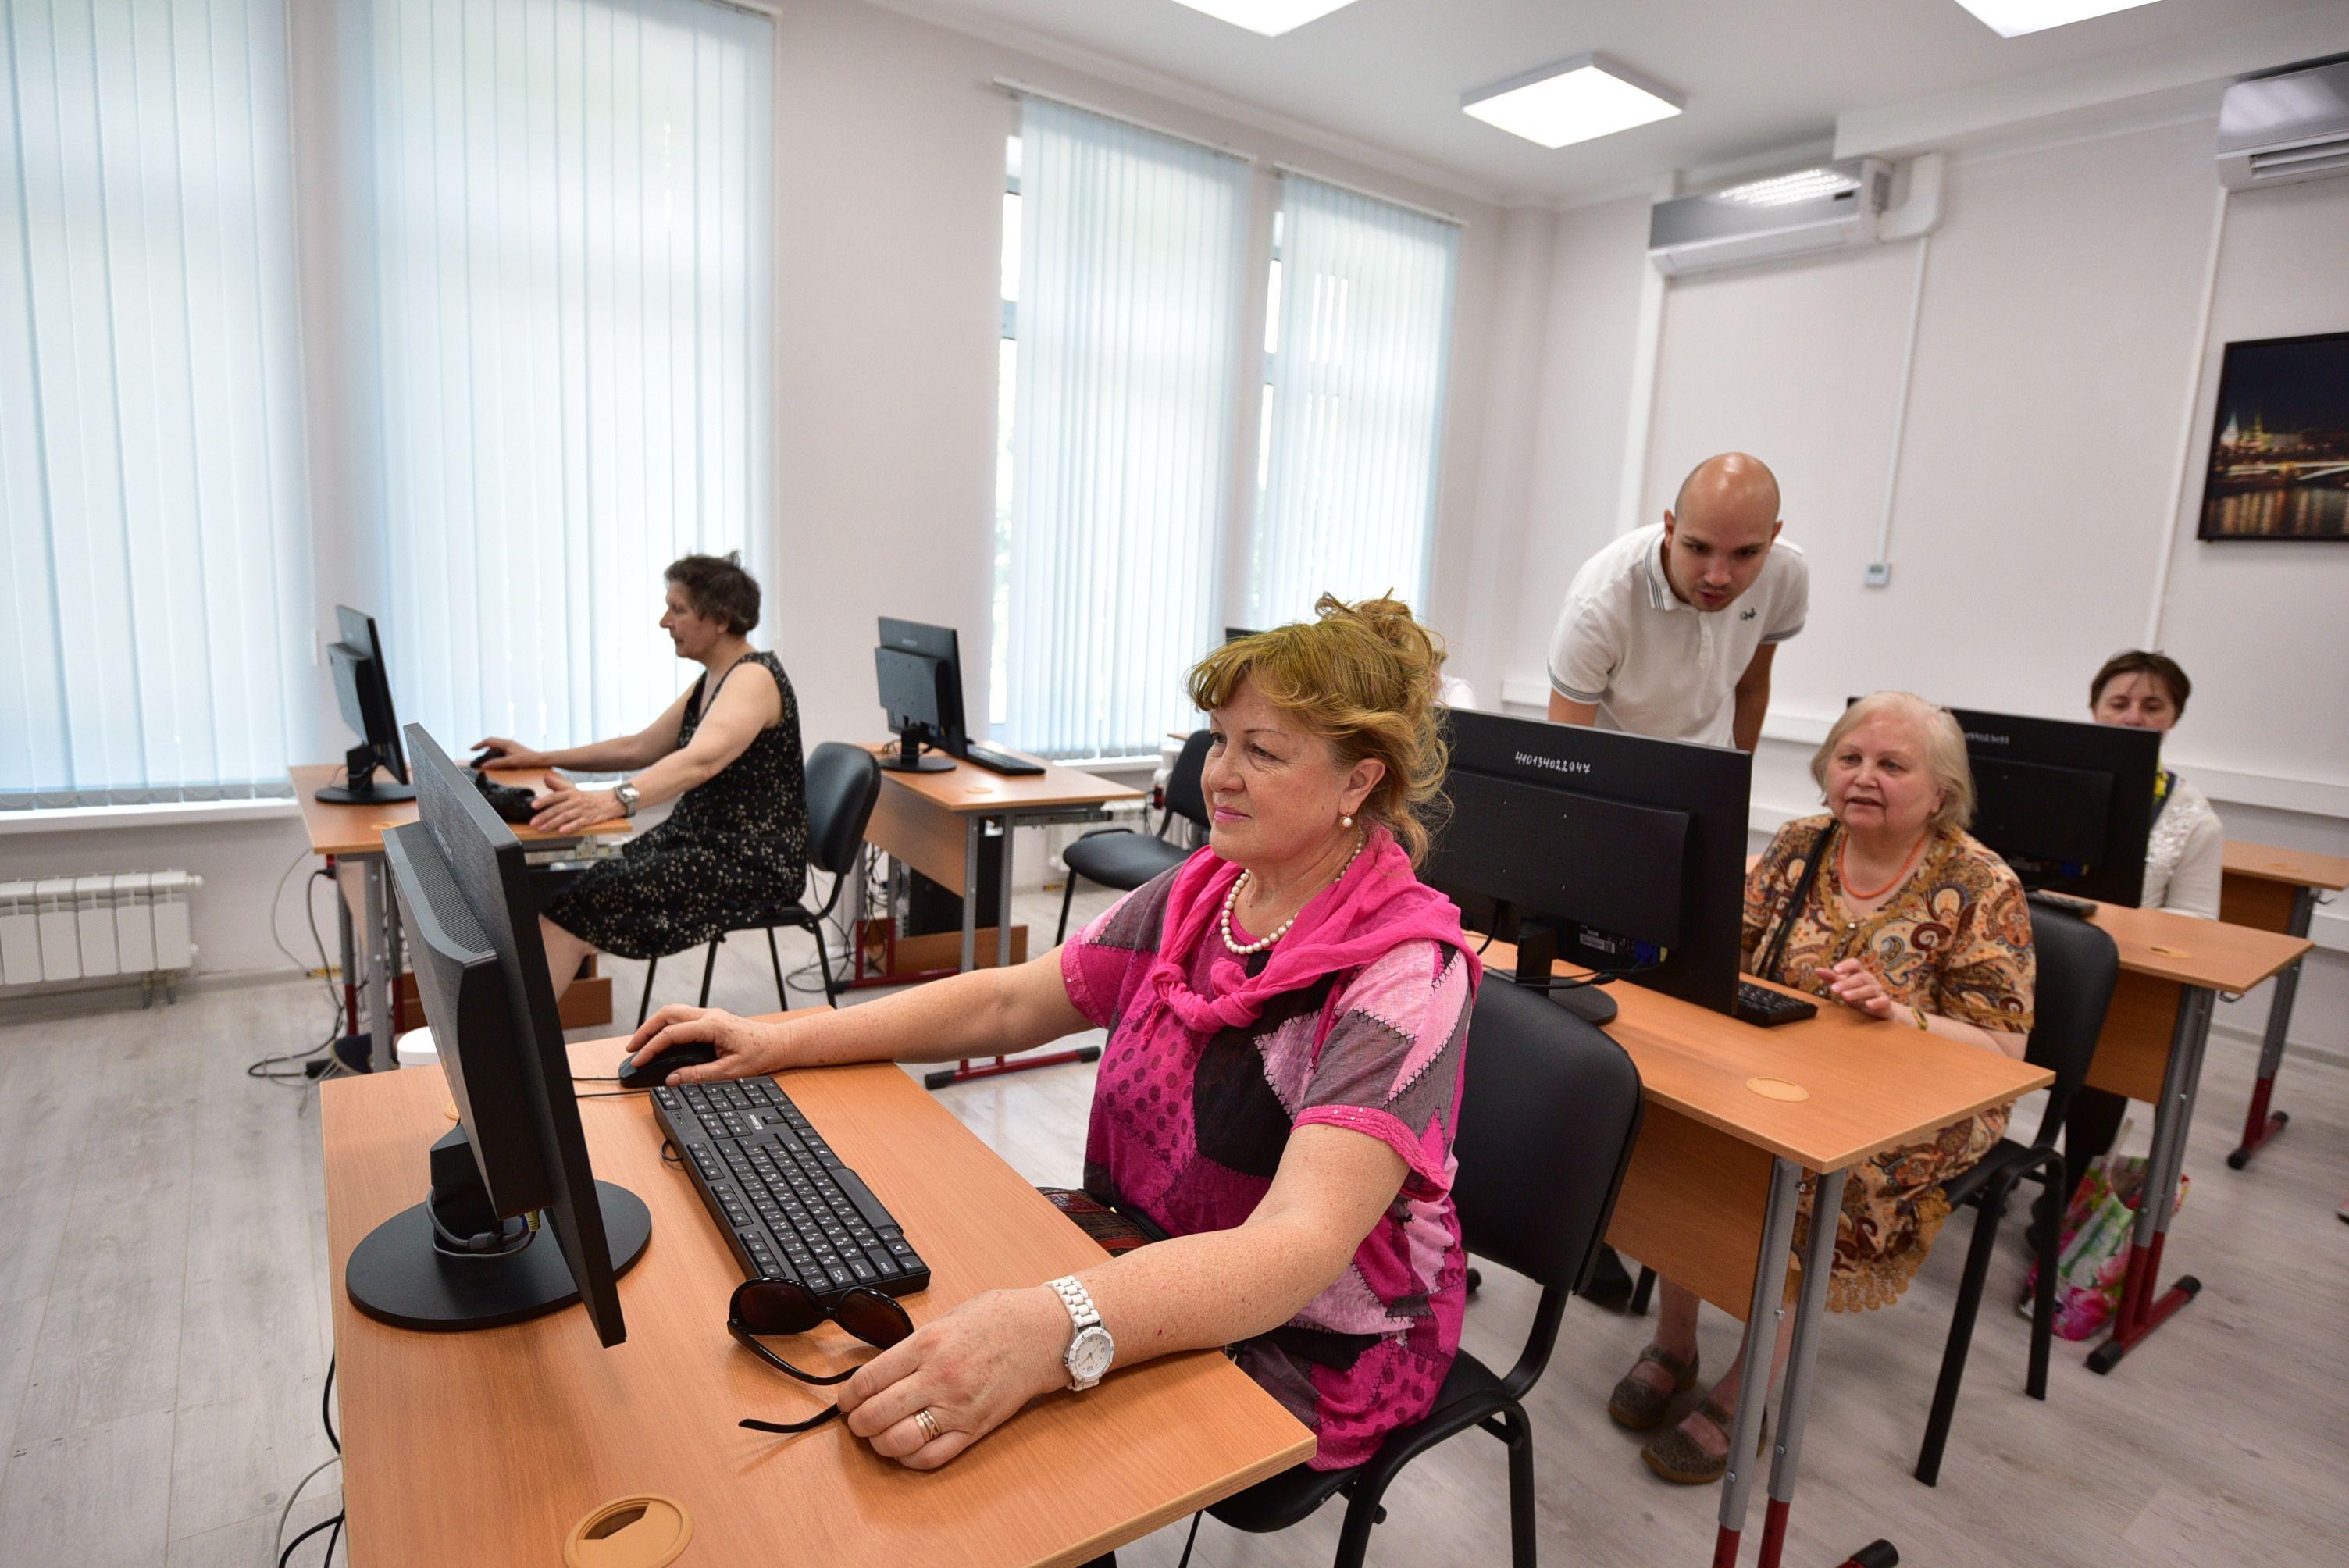 Московских пенсионеров пригласили на цикл лекций по финансовой грамотности